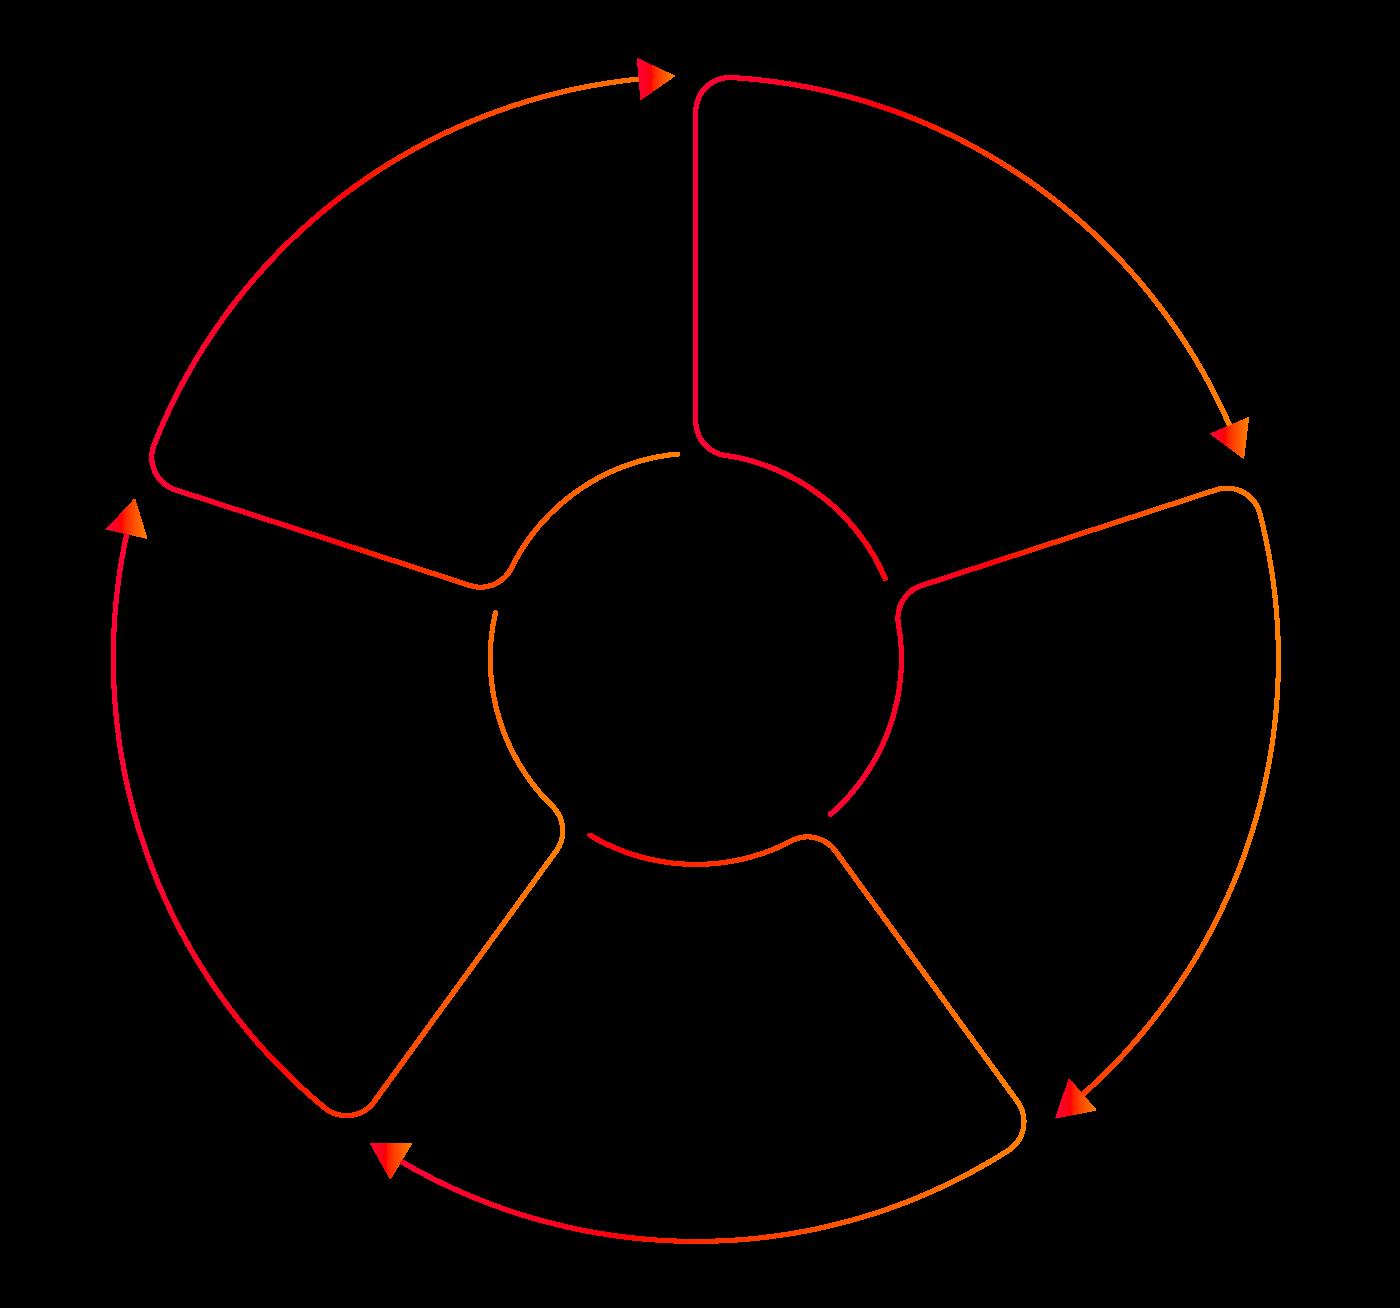 Circle-Graph